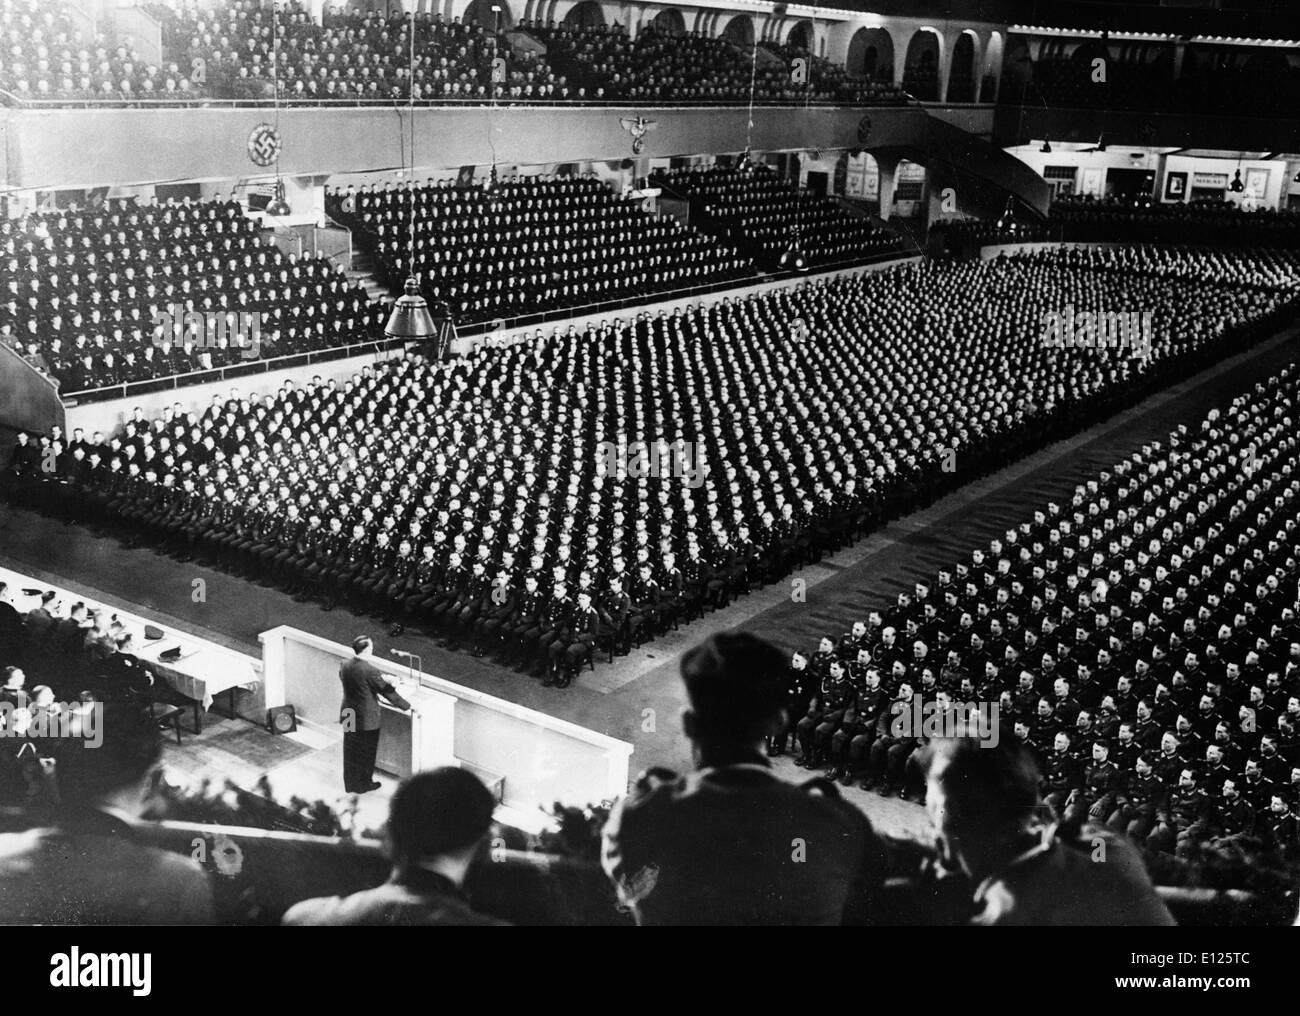 Jan 25, 2005; Berlin, Allemagne; (Photo d'archives. Date inconnue) Adolf Hitler s'adressant à une foule de partisans dans l'Allemagne nazie.. (Cred Photo Stock